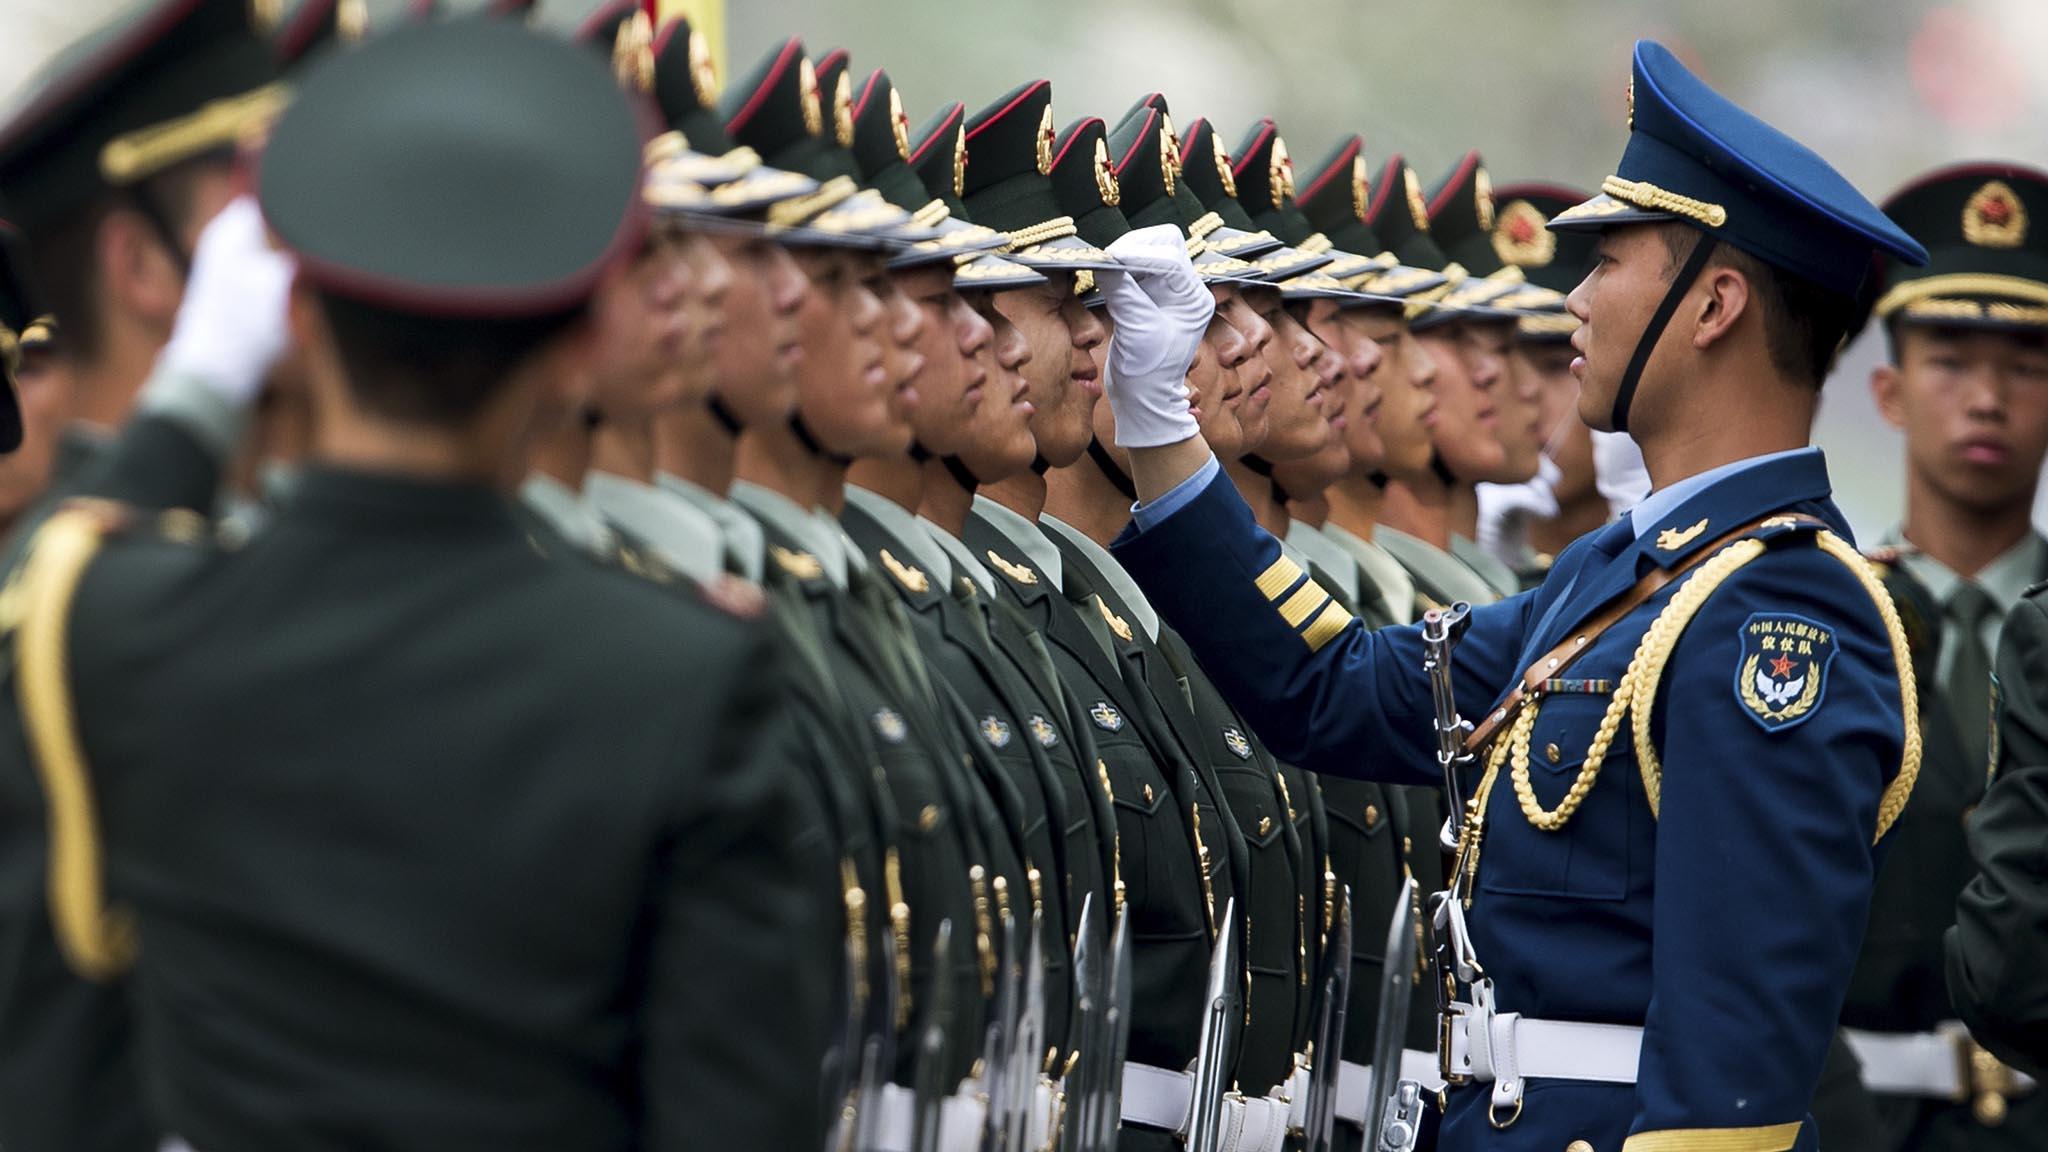 Pequim convidou tropas estrangeiras para parada militar